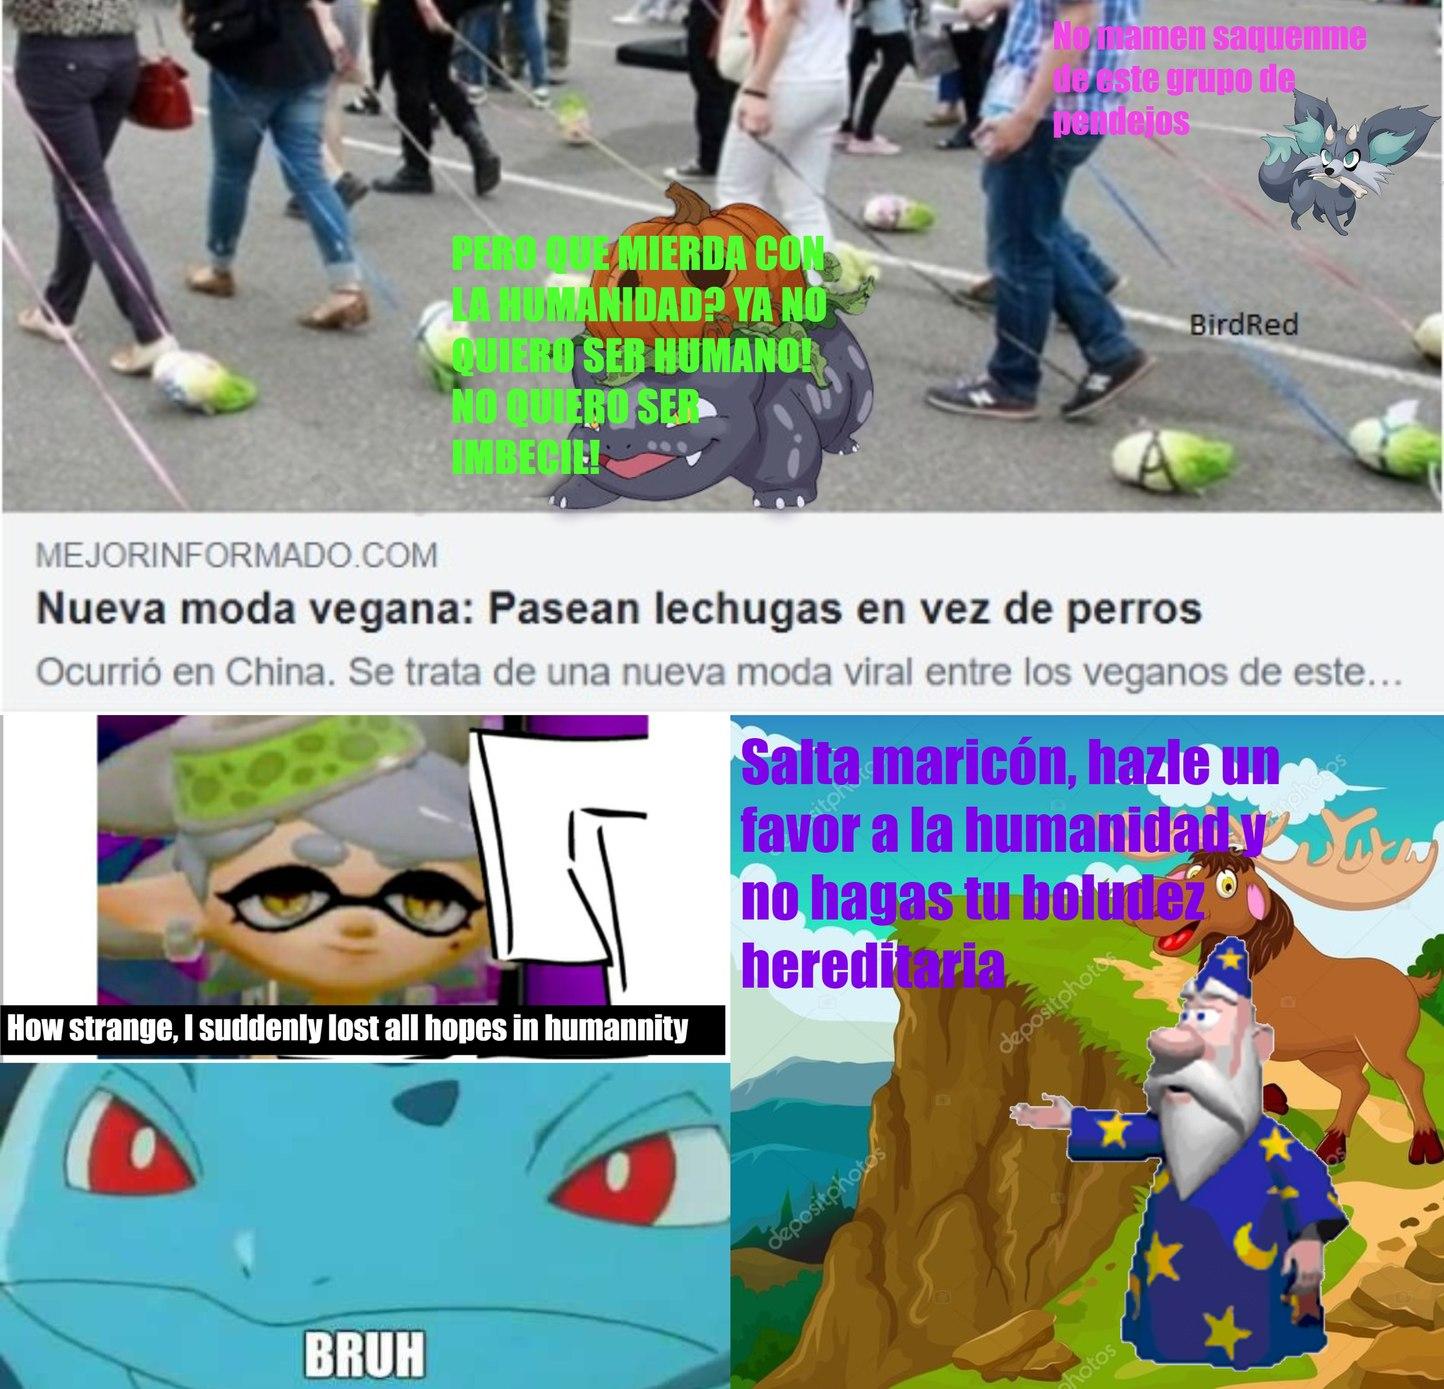 noticia original (contiene mucha estupidez, leer con cuidado)h t t p s://www.contextotucuman.com/nota/178132/nueva-moda-vegana-pasean-lechugas-en-vez-de-perros.html - meme